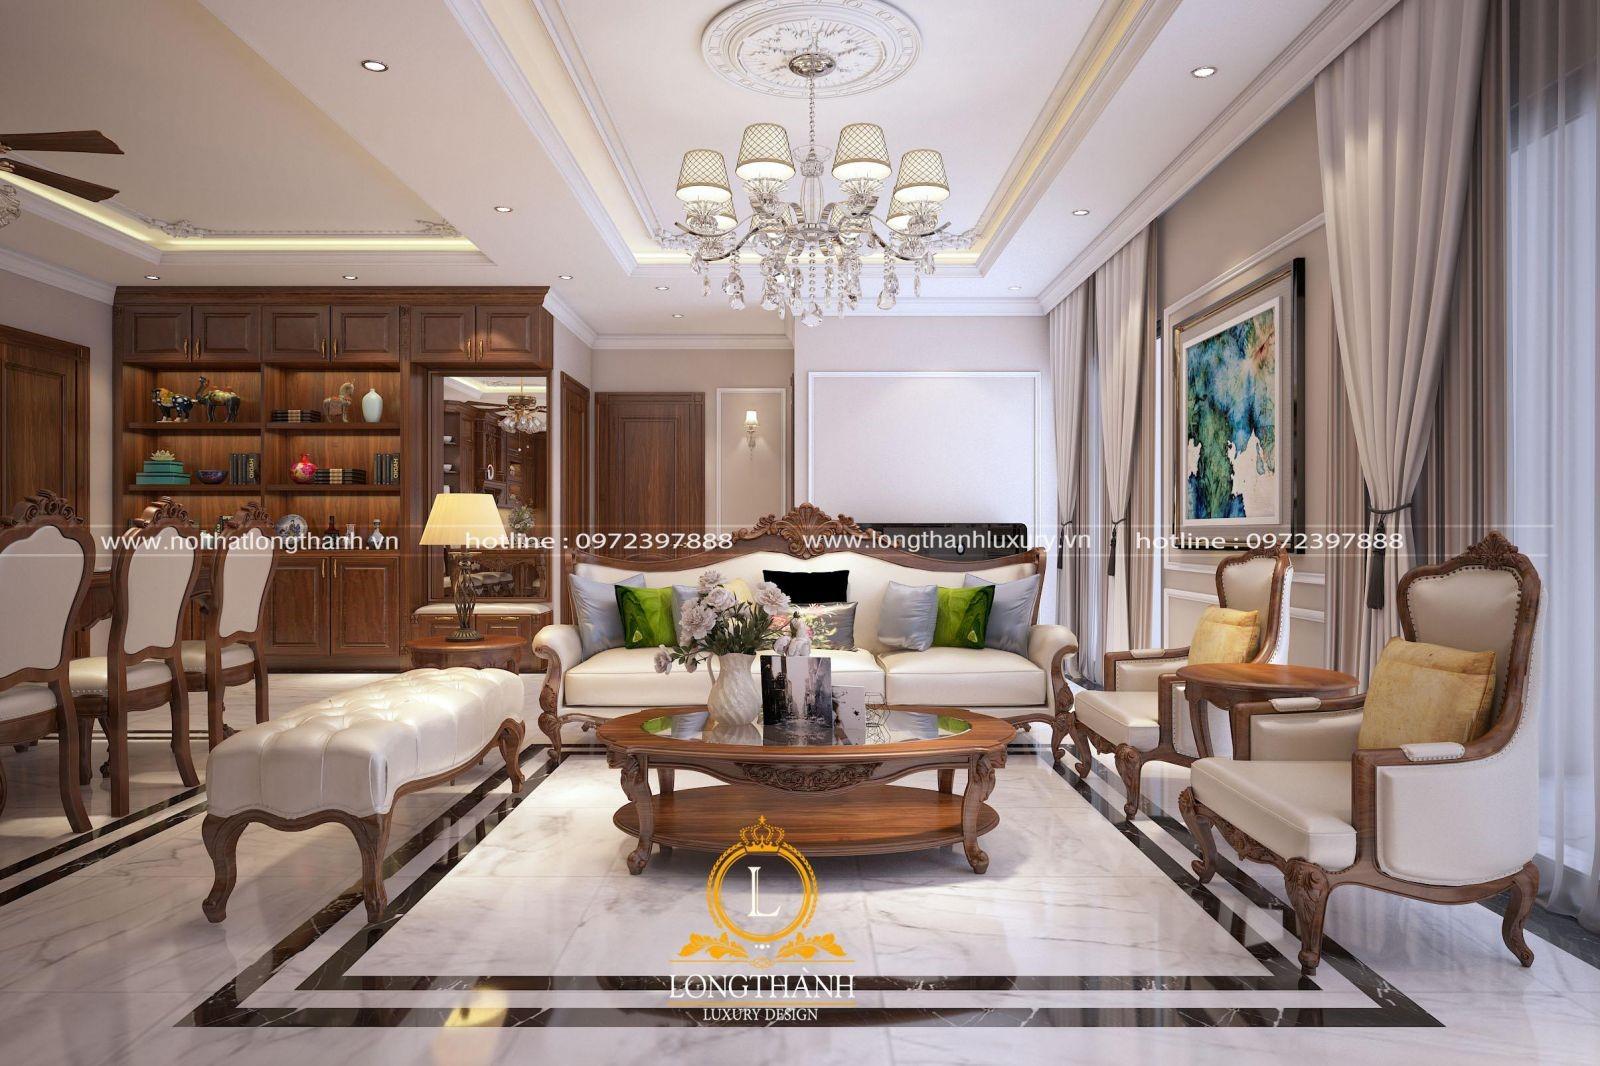 Thêm điểm nhấn cho sofa bằng những mẫu gối ôm ấn tượng